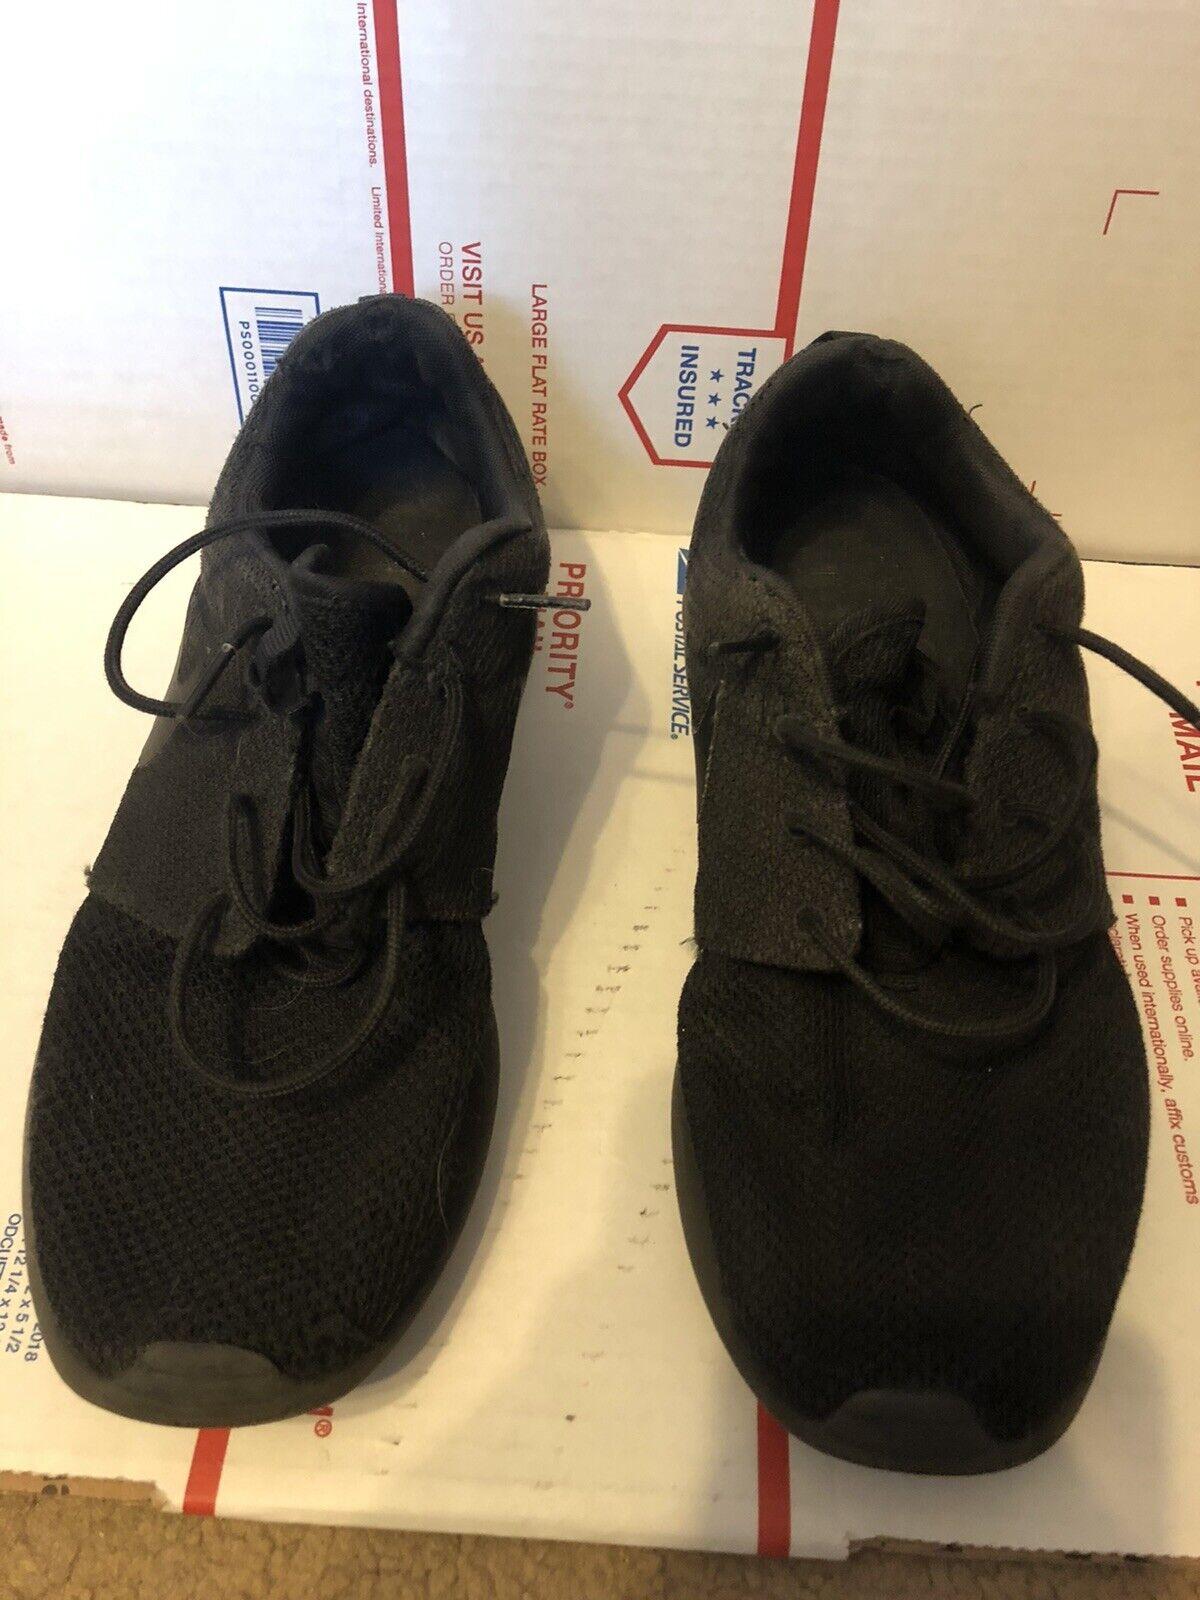 Nike Roshe One Black Running Shoes for Men's 511881 026. Size 10 Men